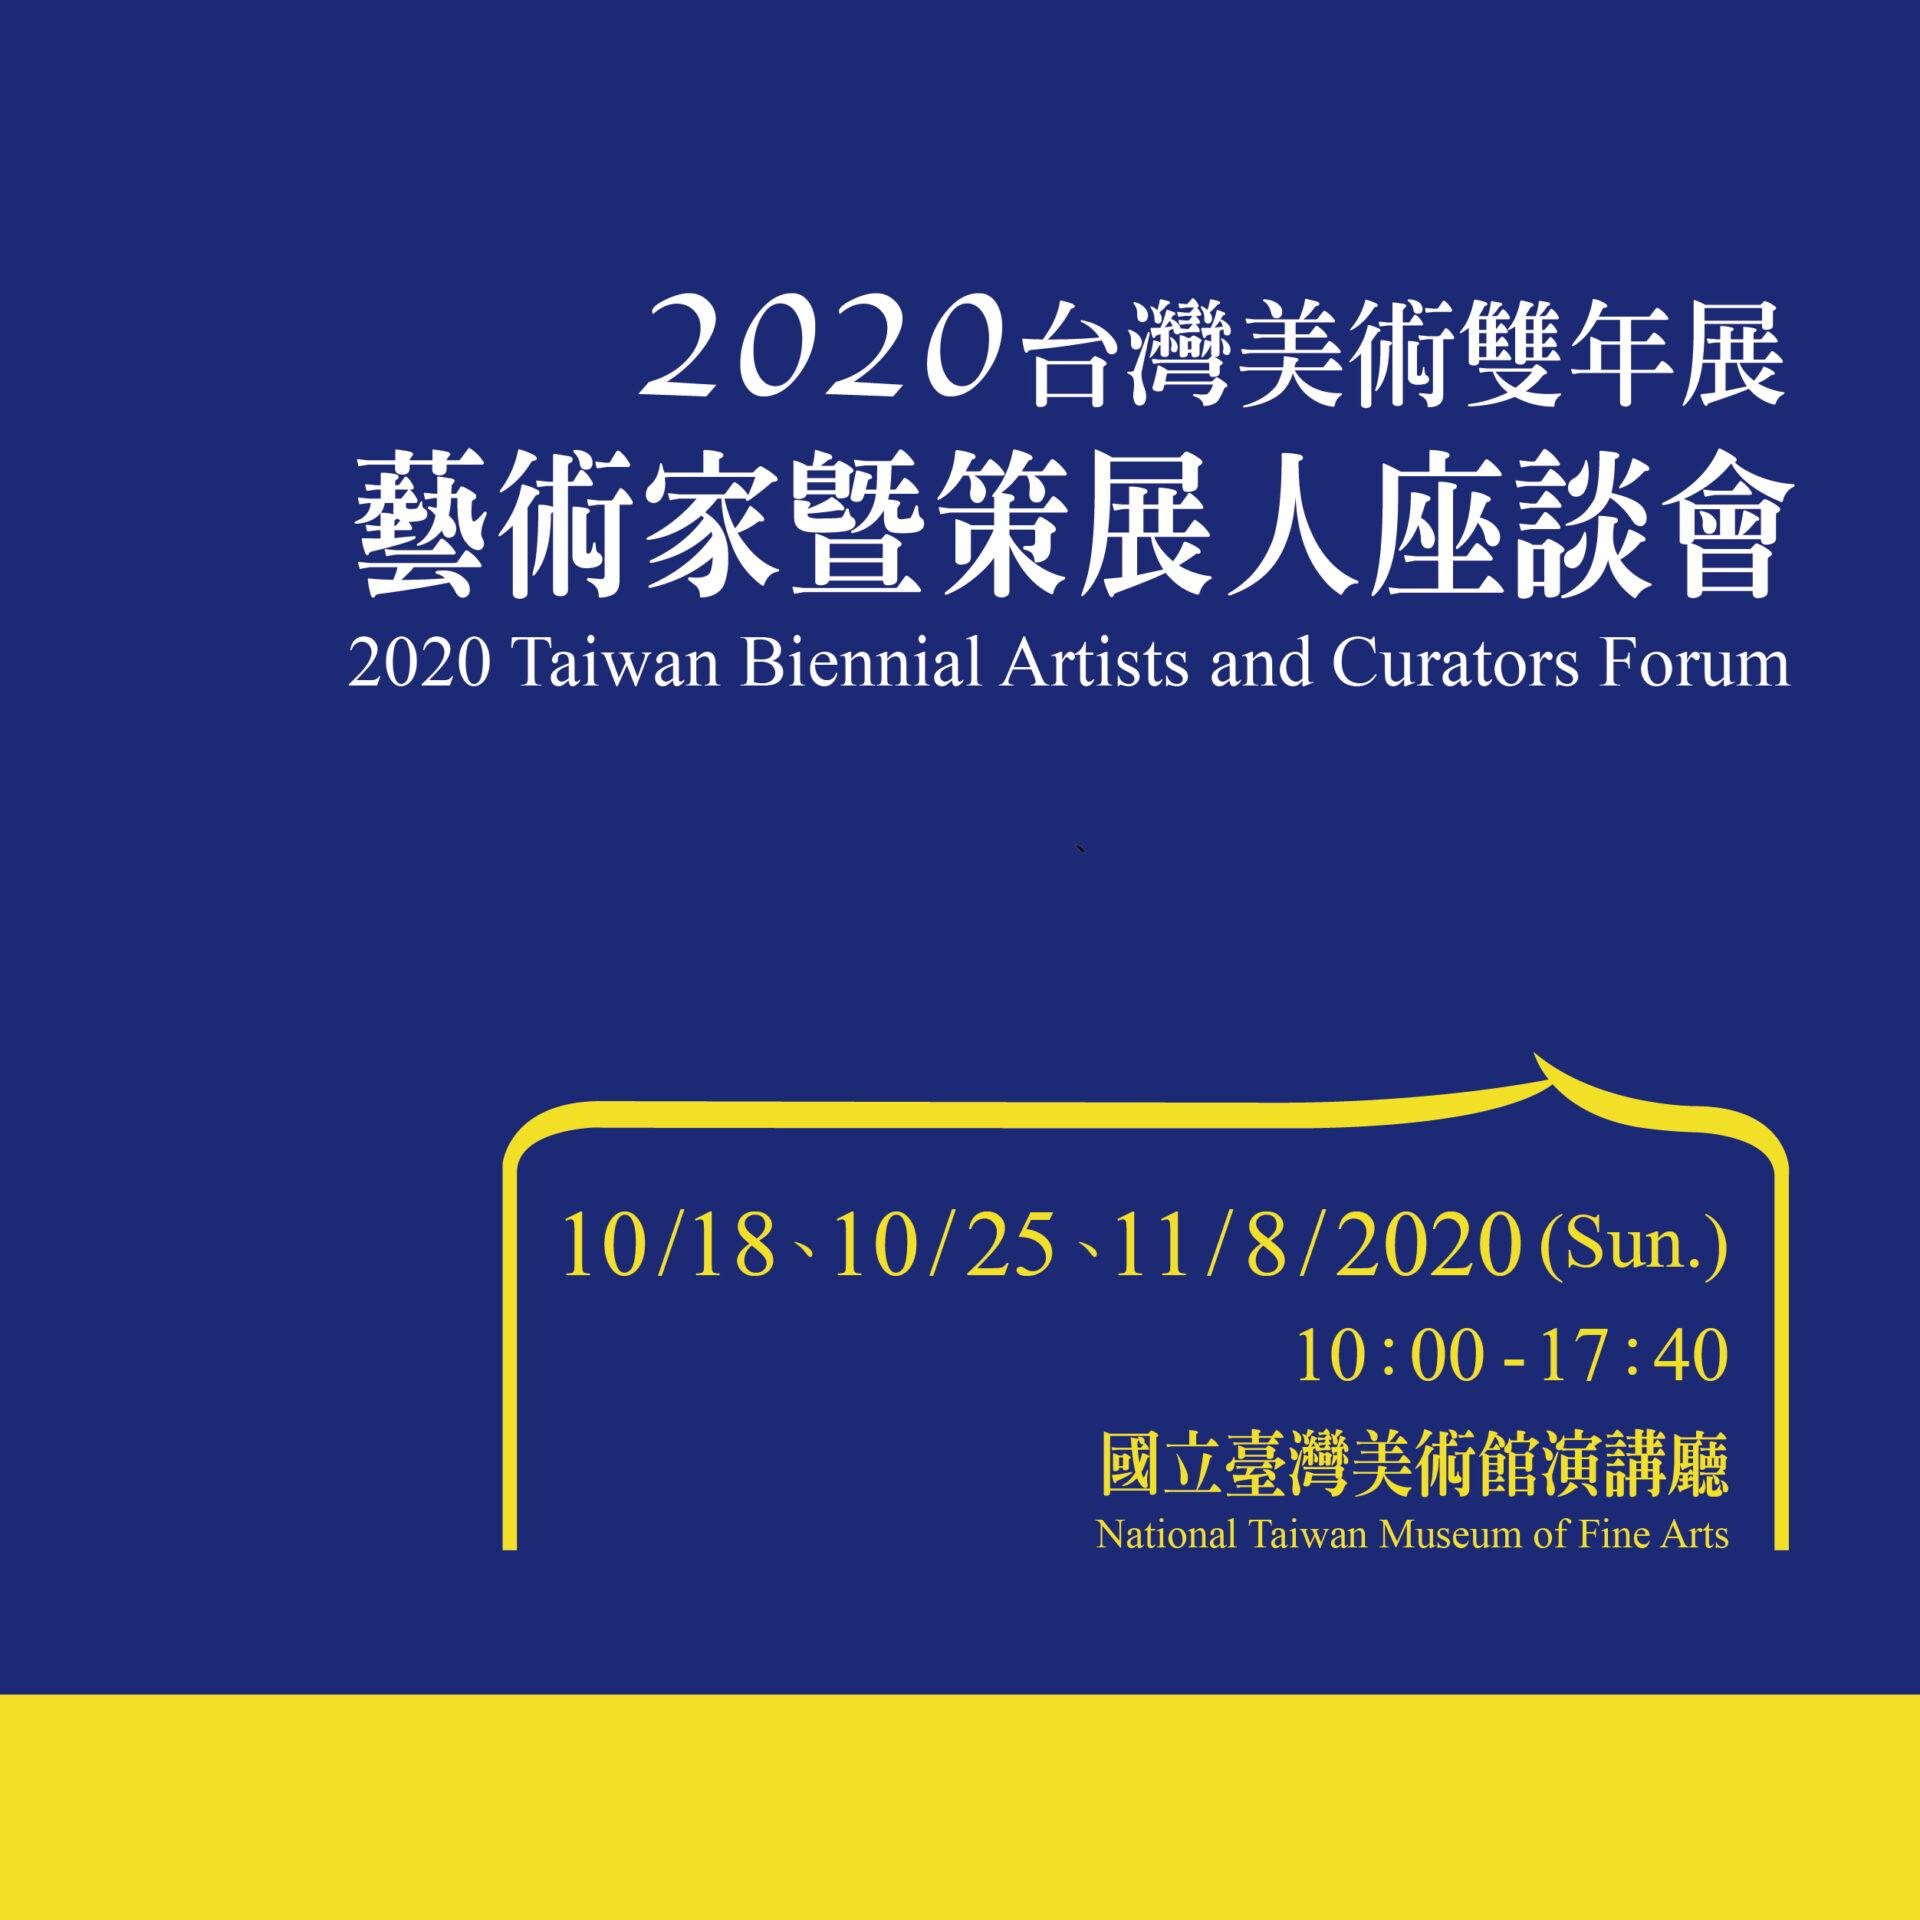 國立臺灣美術館:2020/10/18、10/25、11/8【2020台灣美術雙年展藝術家暨策展人座談會】